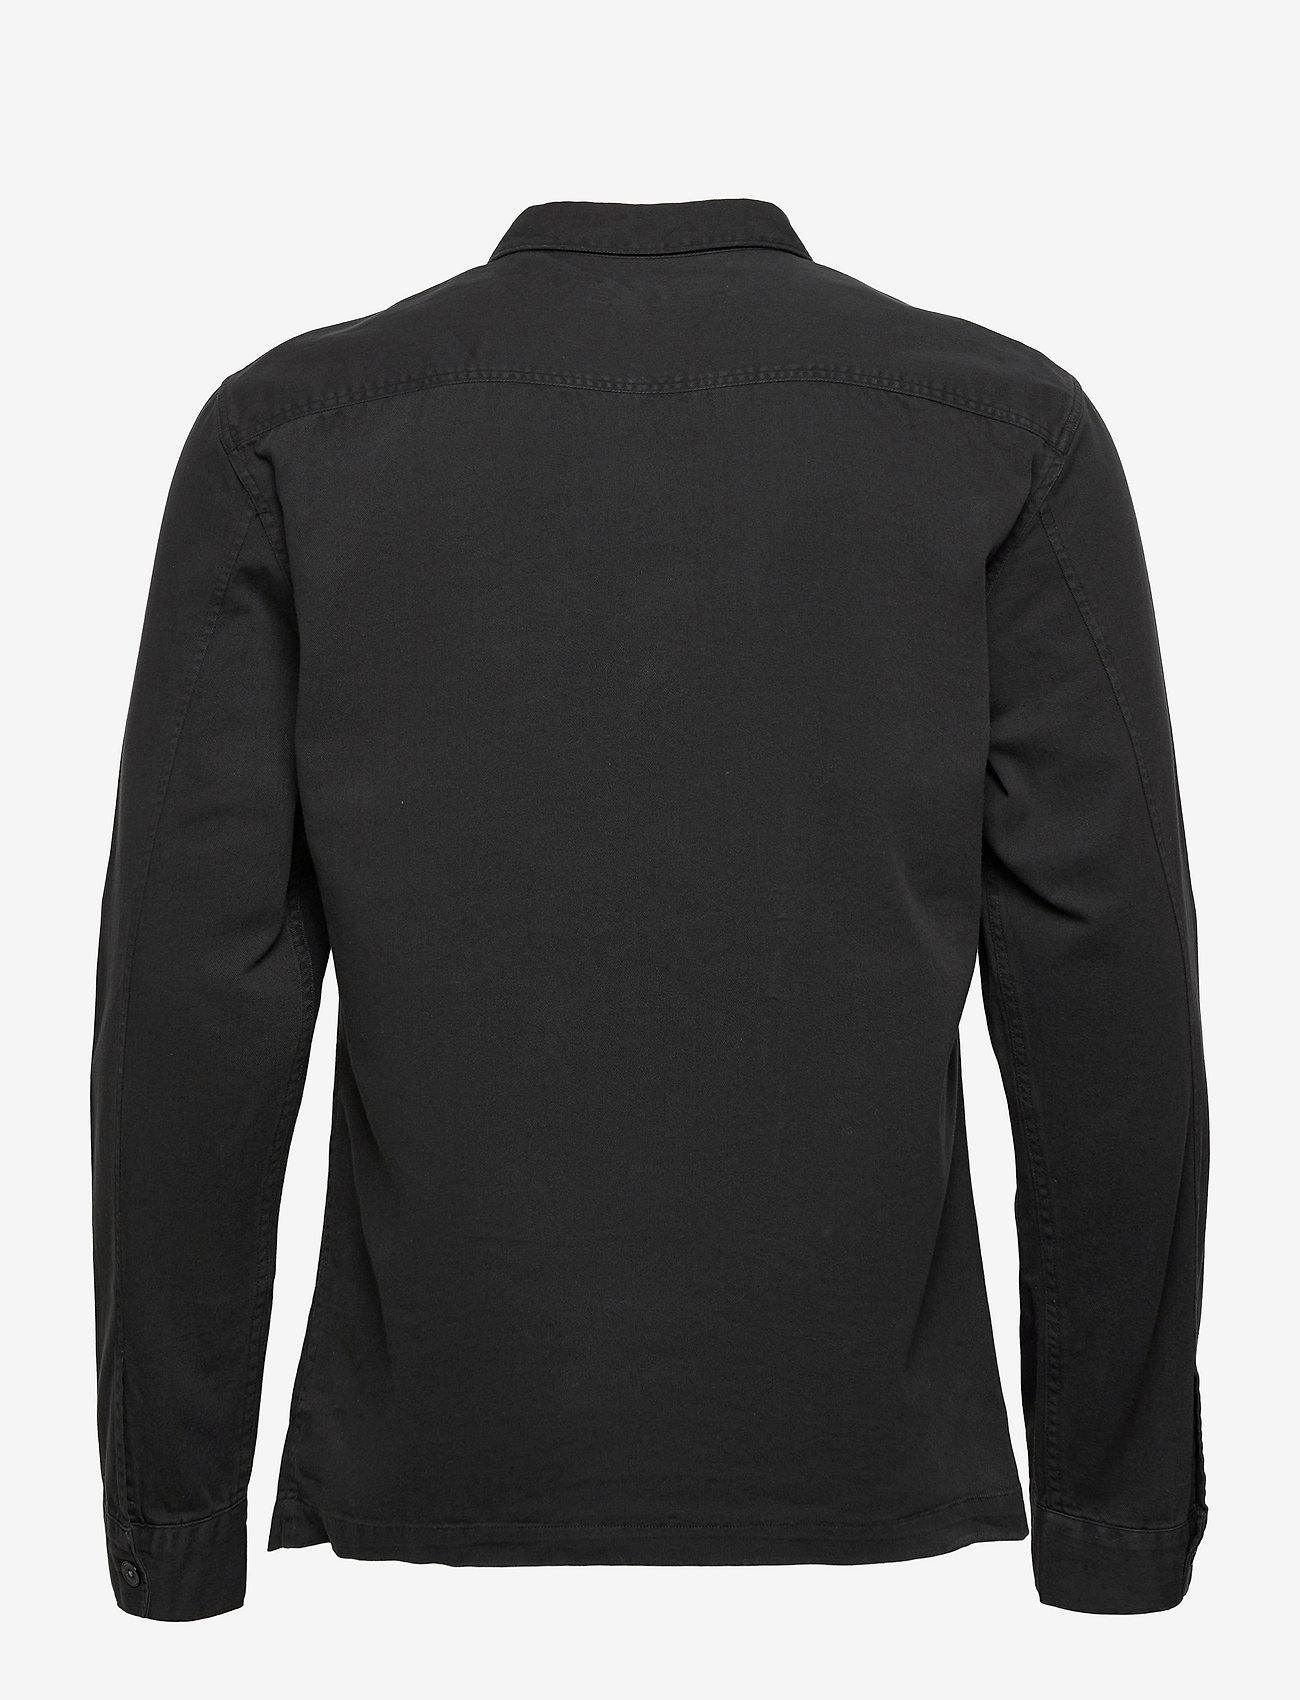 AllSaints - SPOTTER LS SHIRT - chemises de lin - black - 1